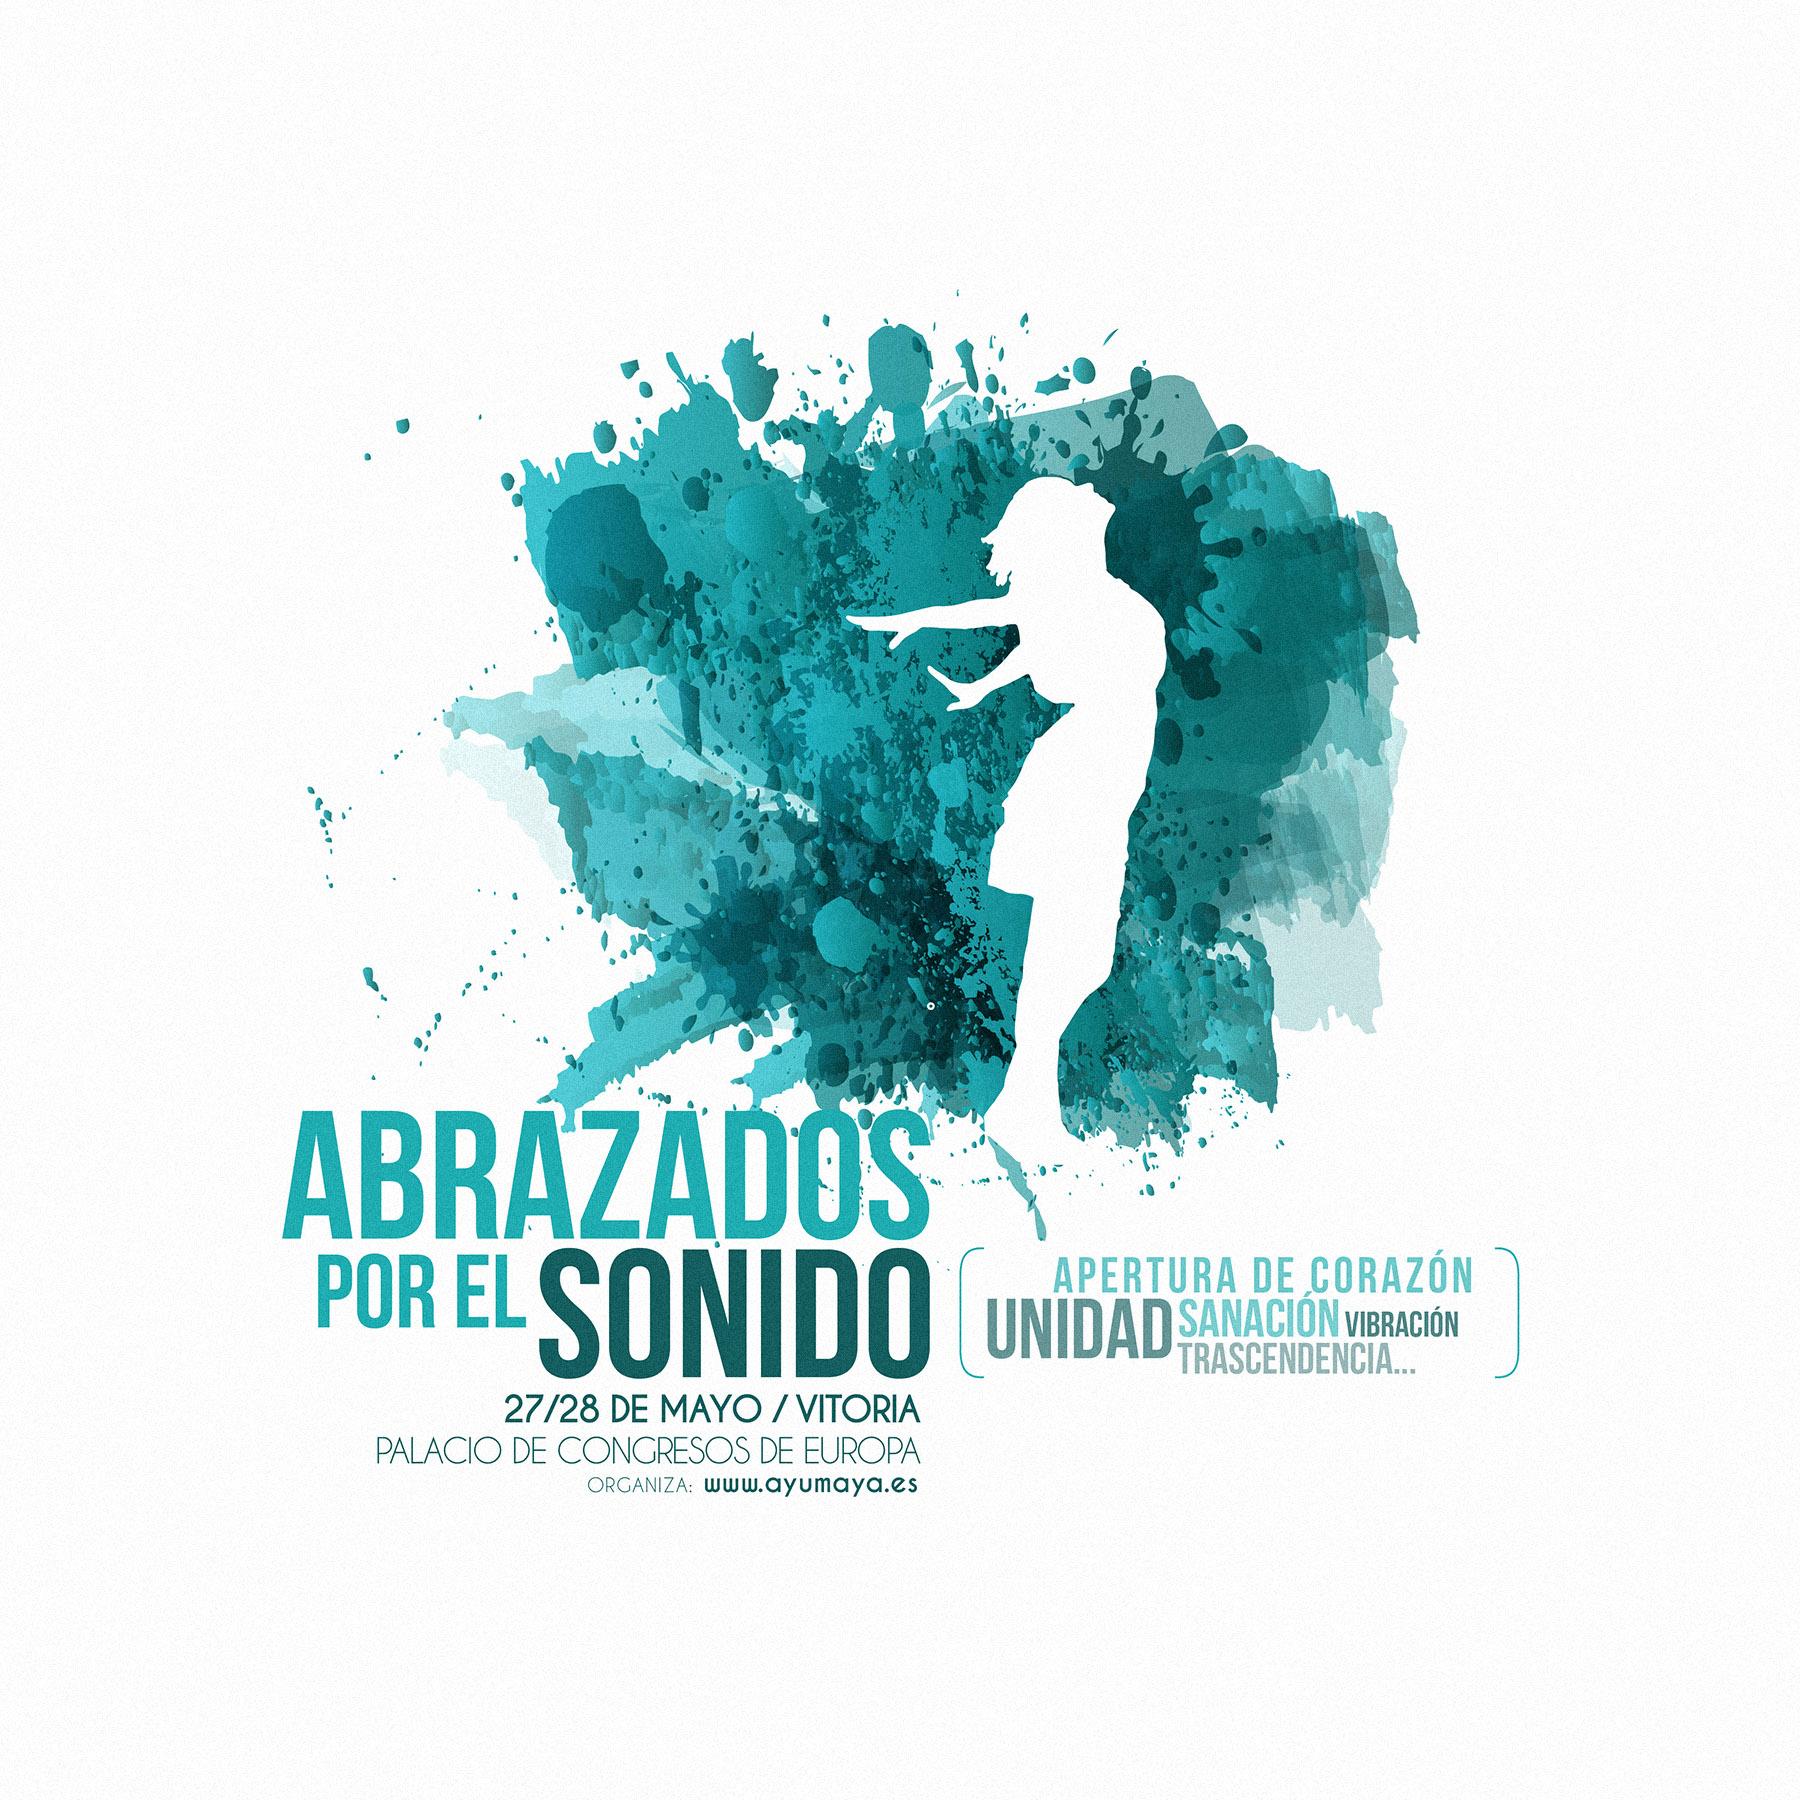 04 ABRAZADOS POR EL SONIDO